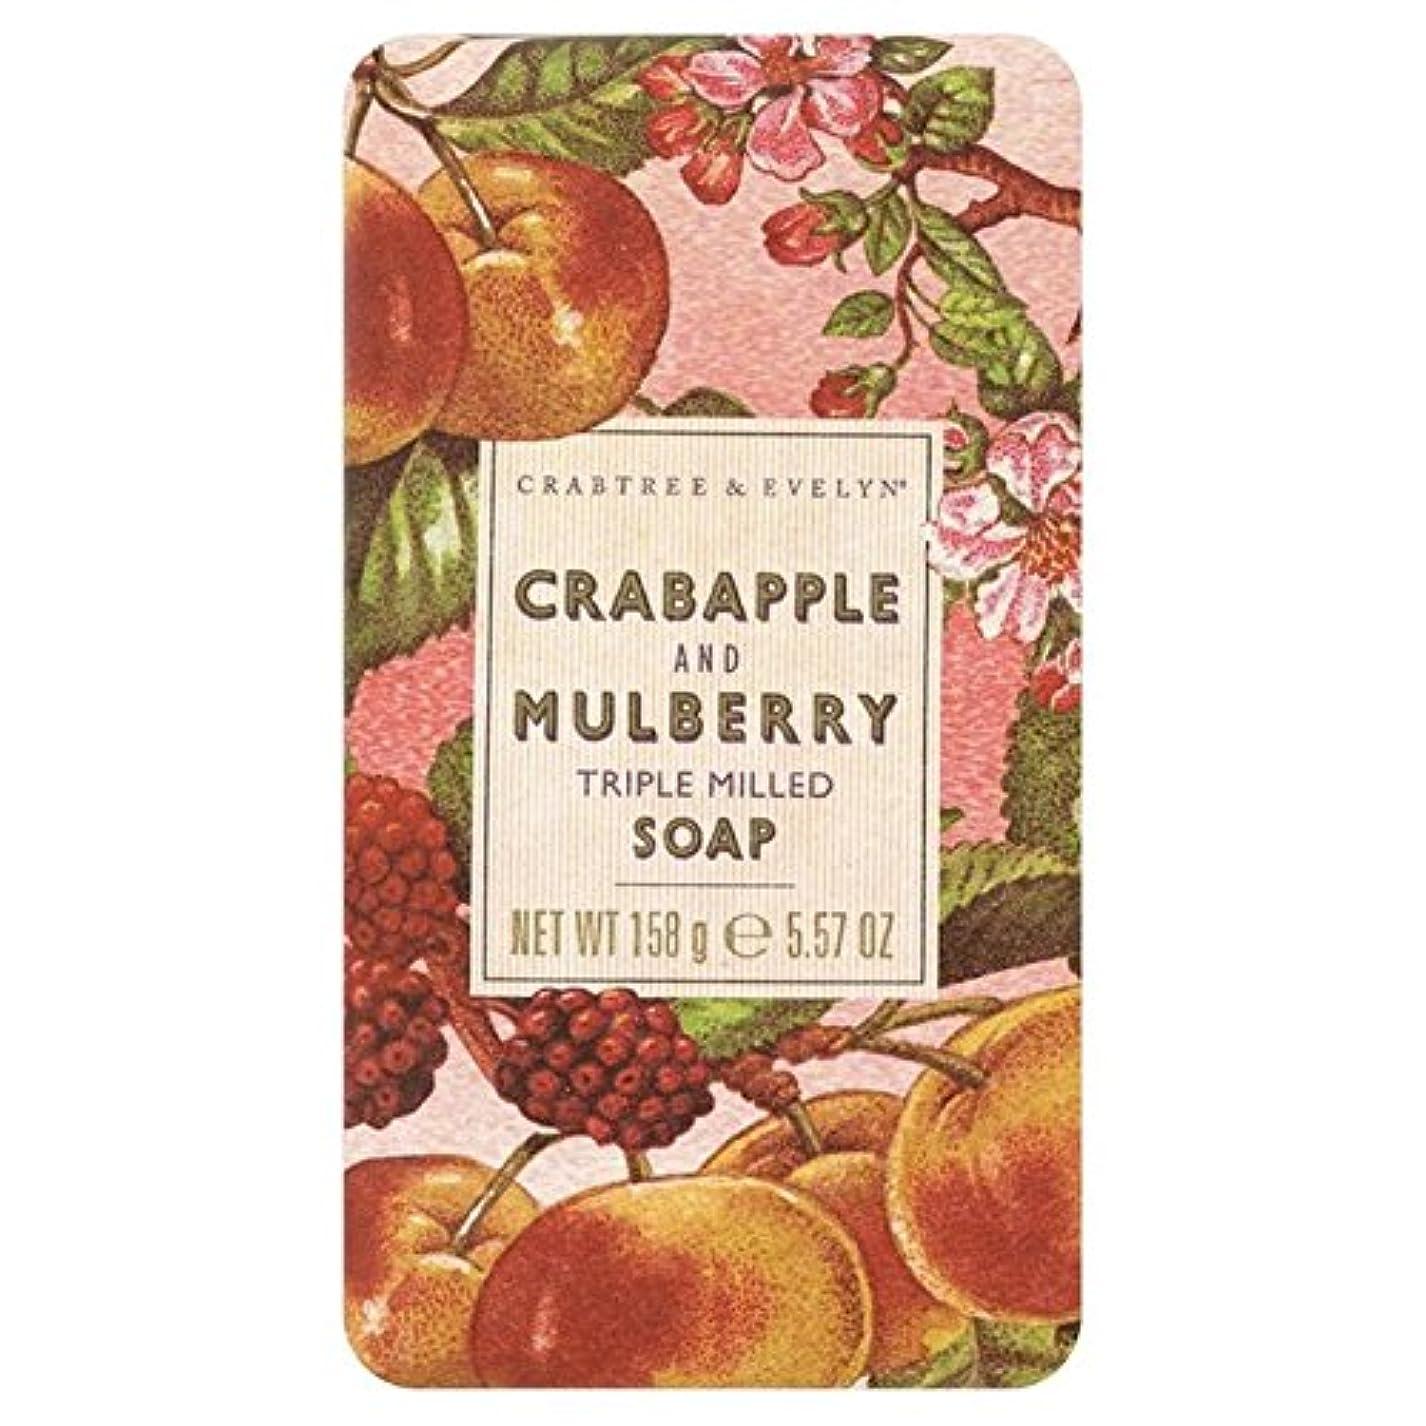 牽引書き出す明らかクラブツリー&イヴリンと桑遺産石鹸150グラム x4 - Crabtree & Evelyn Crabapple and Mulberry Heritage Soap 150g (Pack of 4) [並行輸入品]